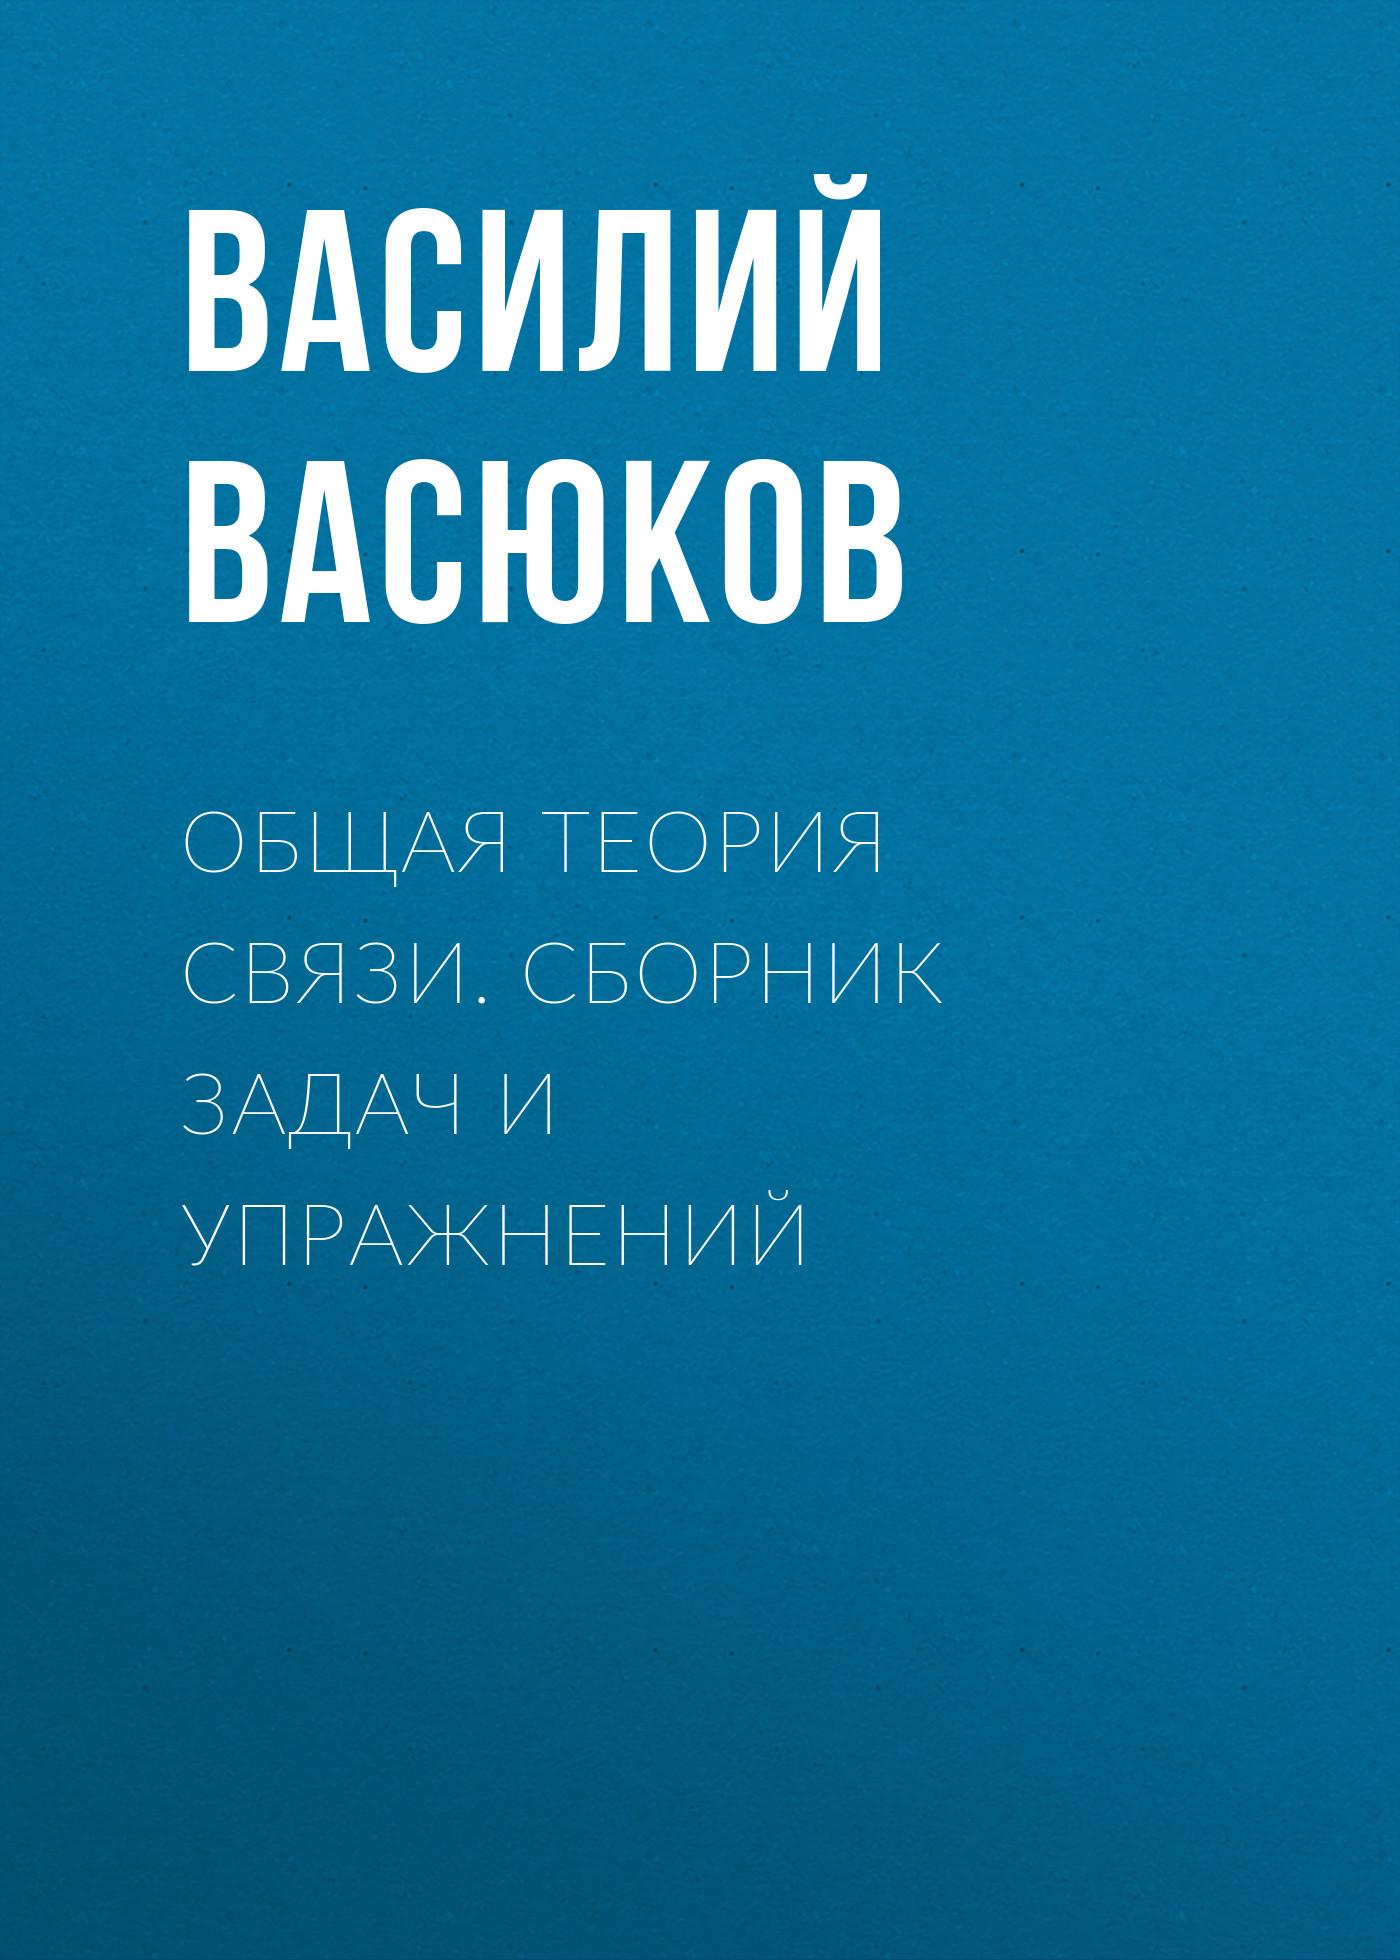 Василий Васюков бесплатно